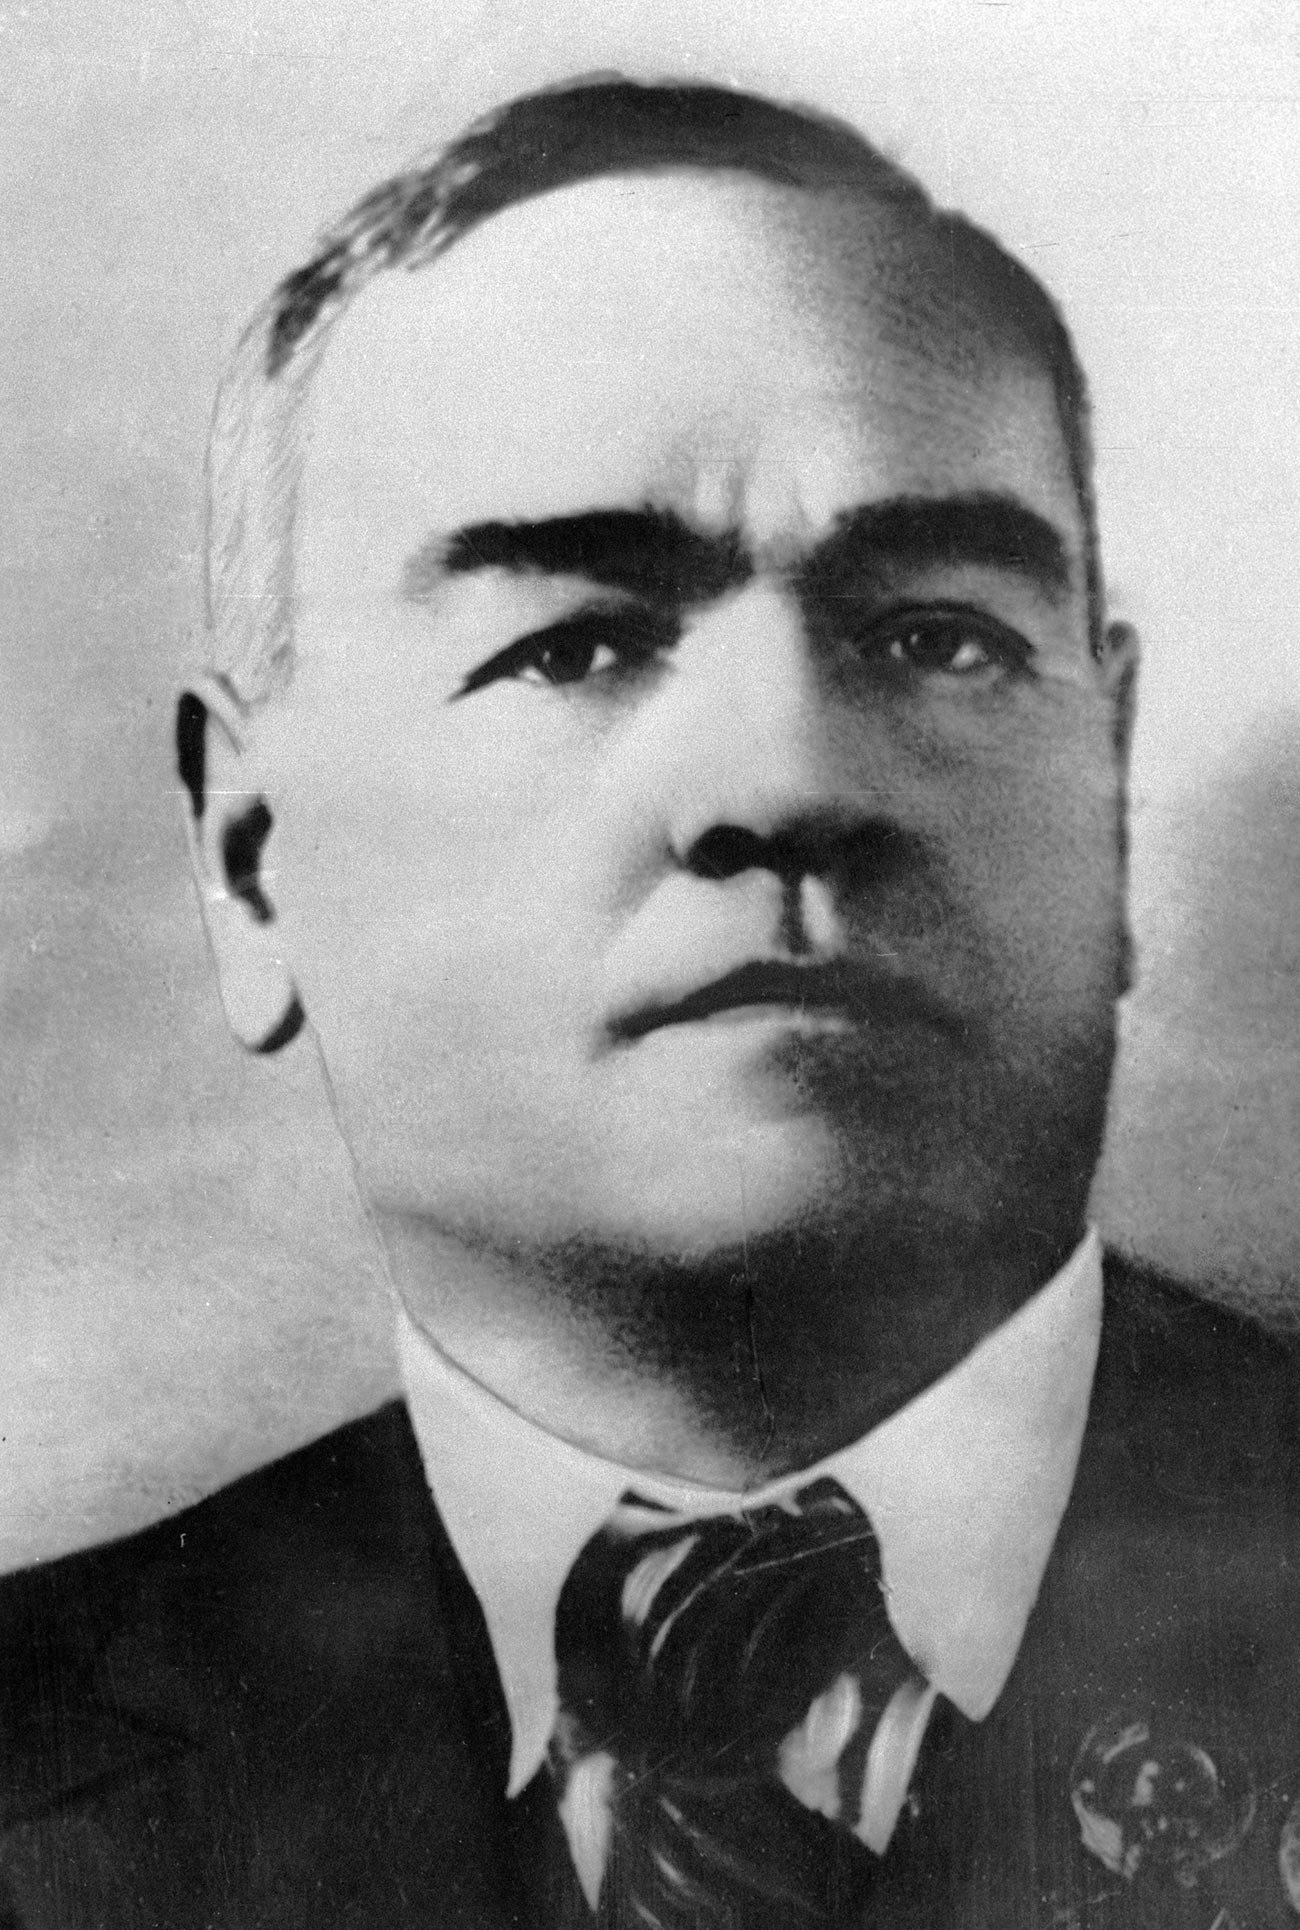 ウラジーミル・ペトリャコフ